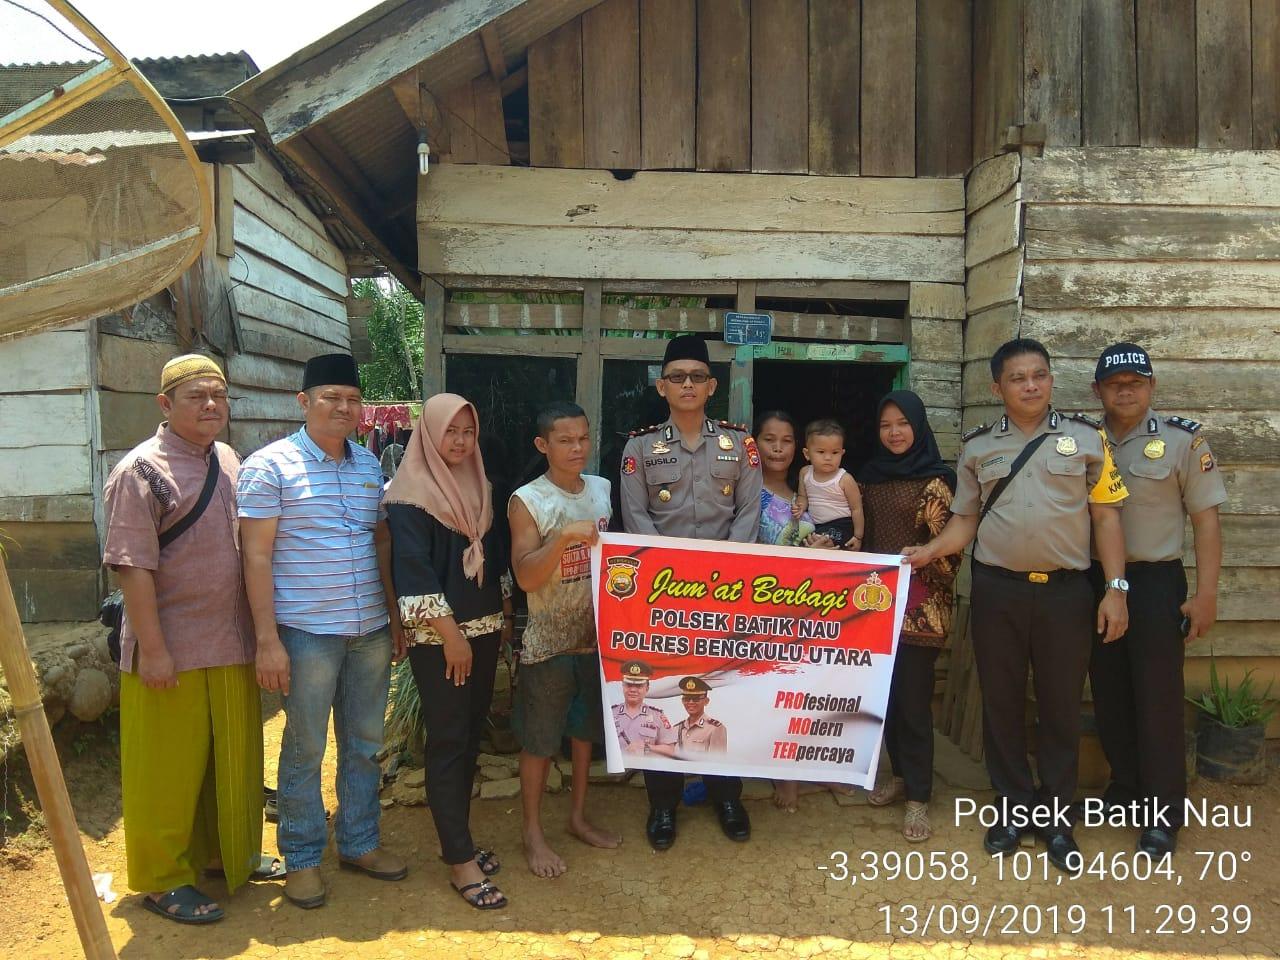 Inovasi Pelayanan Polri, Kapolsek Batik Nau Gelar Program Jumat Berbagi